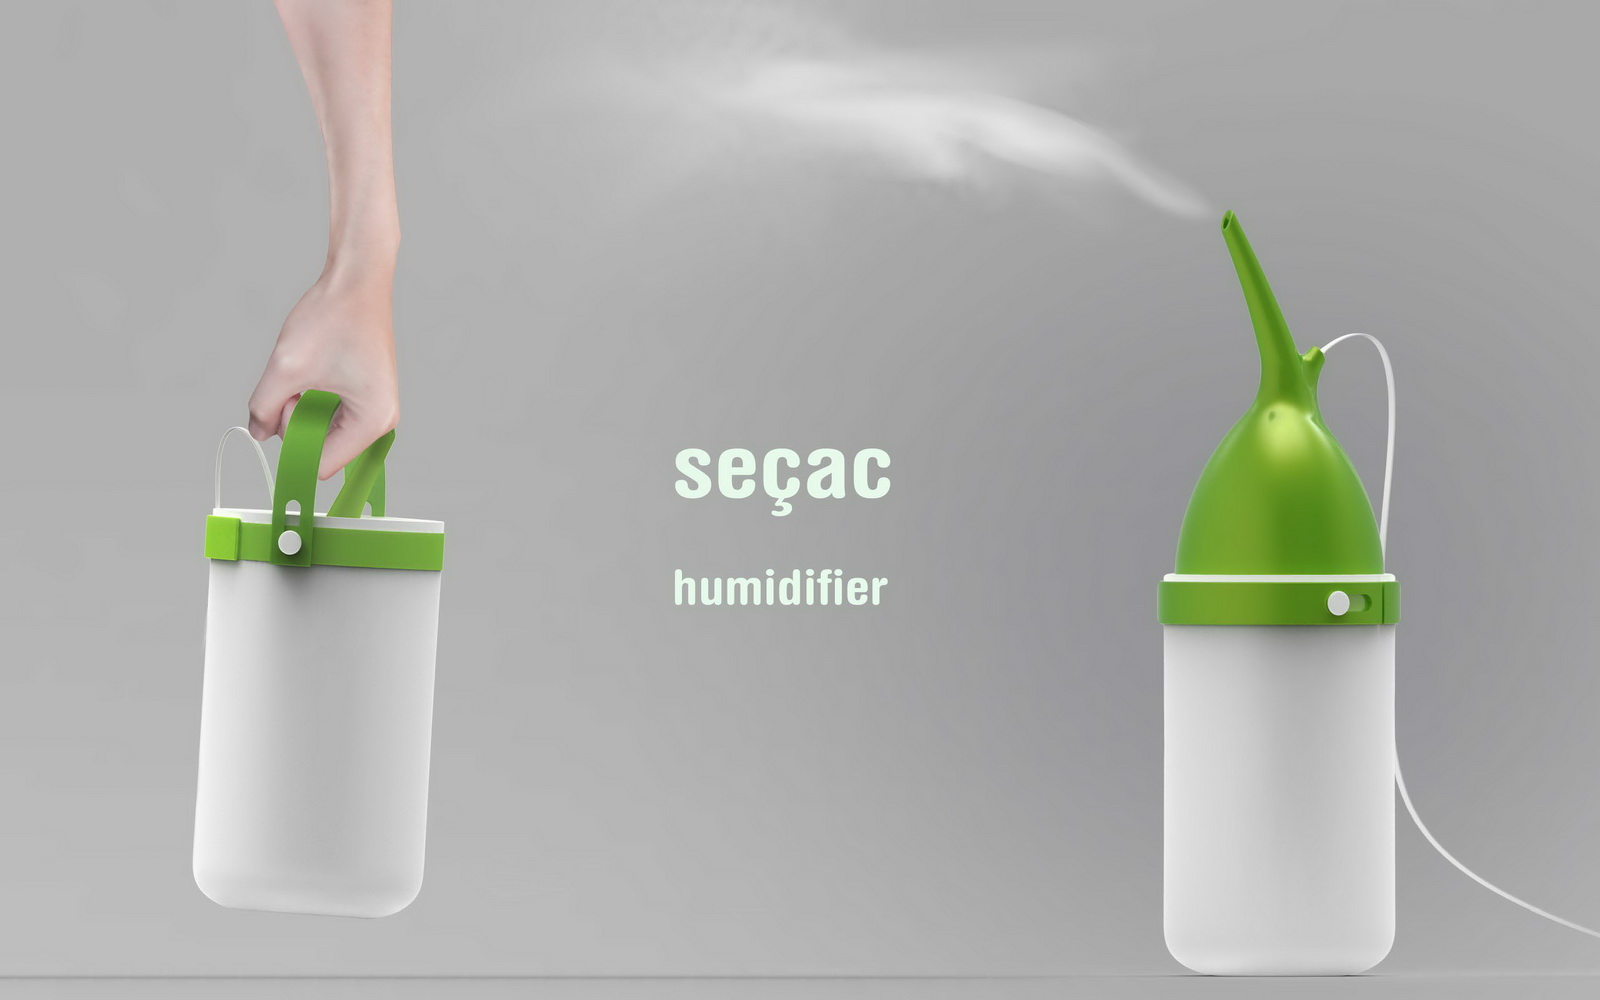 Humidifier by Wonsang Lee at Coroflot.com #4F7E1C